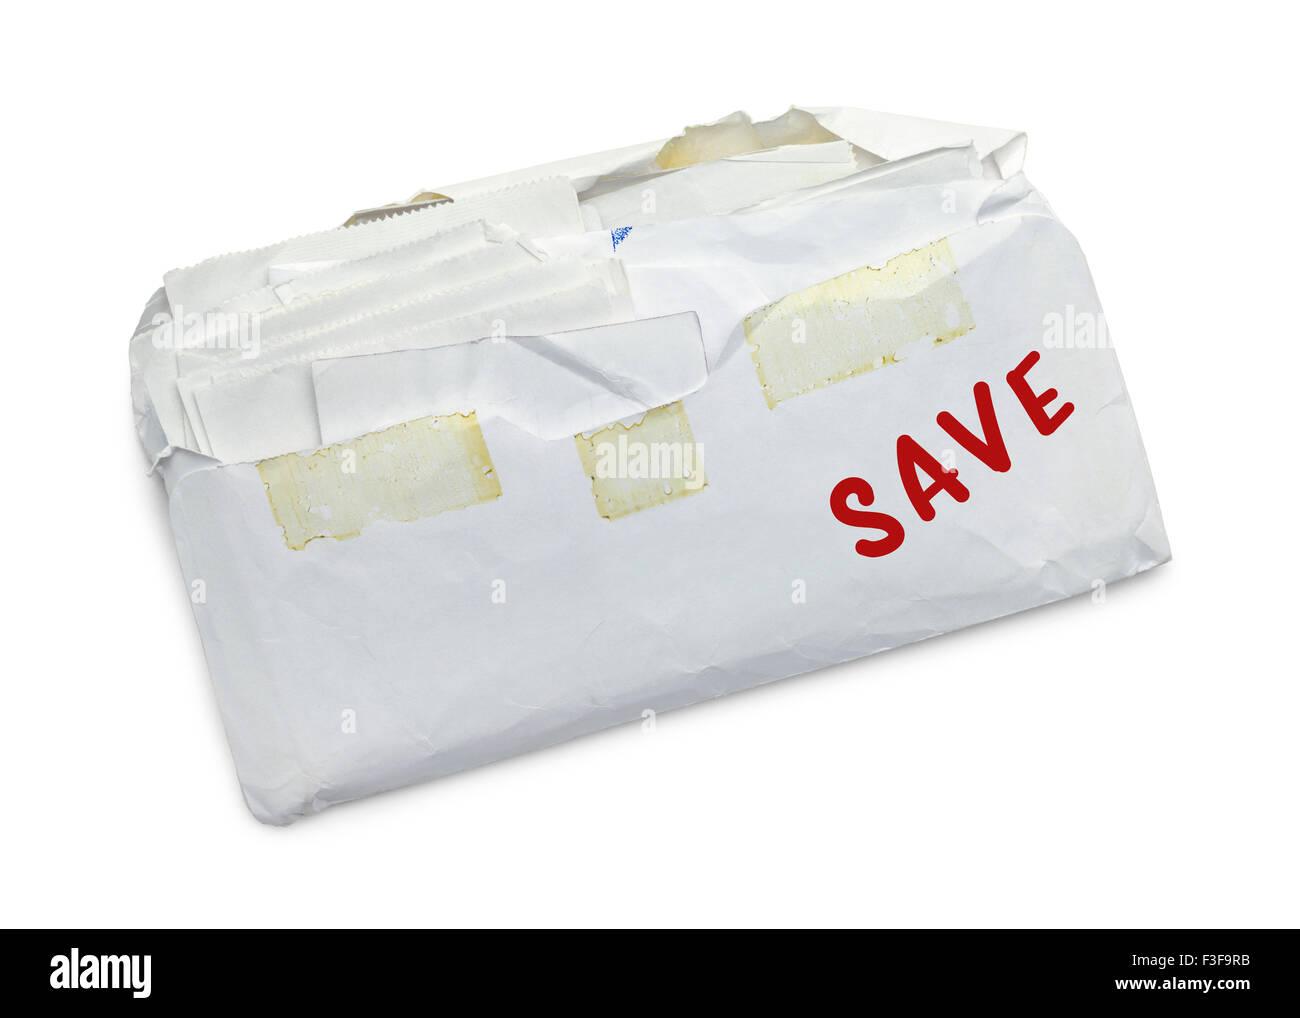 Umschlag voller Quittungen zu speichern isoliert auf weißem Hintergrund. Stockbild